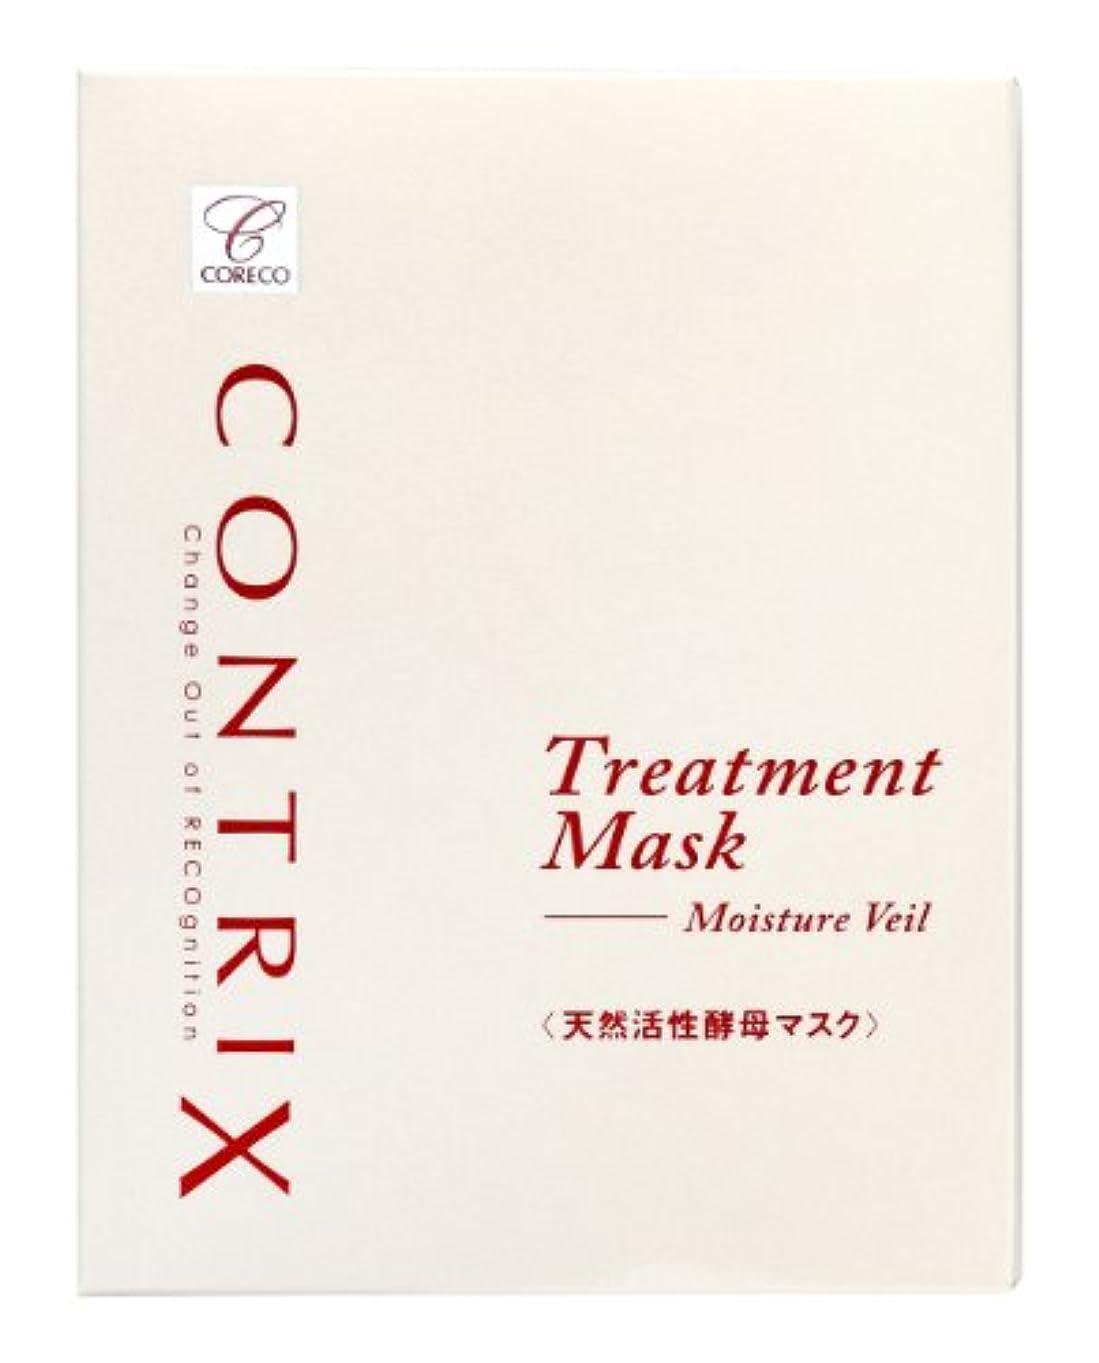 痛みプレゼンテーション批判的コレコ コントリックス トリートメントマスク(5枚入)